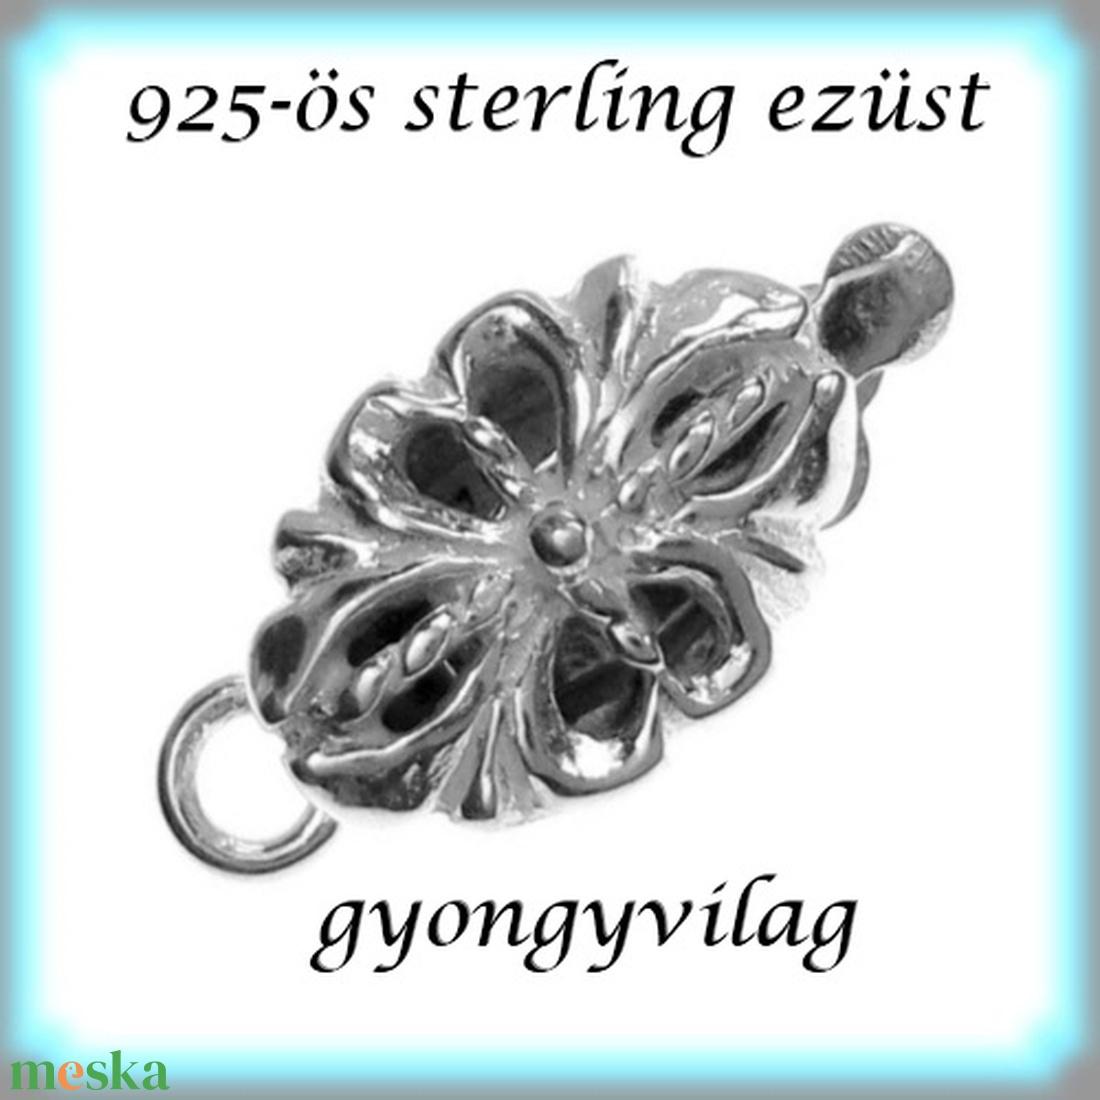 925-ös ezüst 1soros lánckapocs ELK 1S 33 - gyöngy, ékszerkellék - egyéb alkatrész - Meska.hu